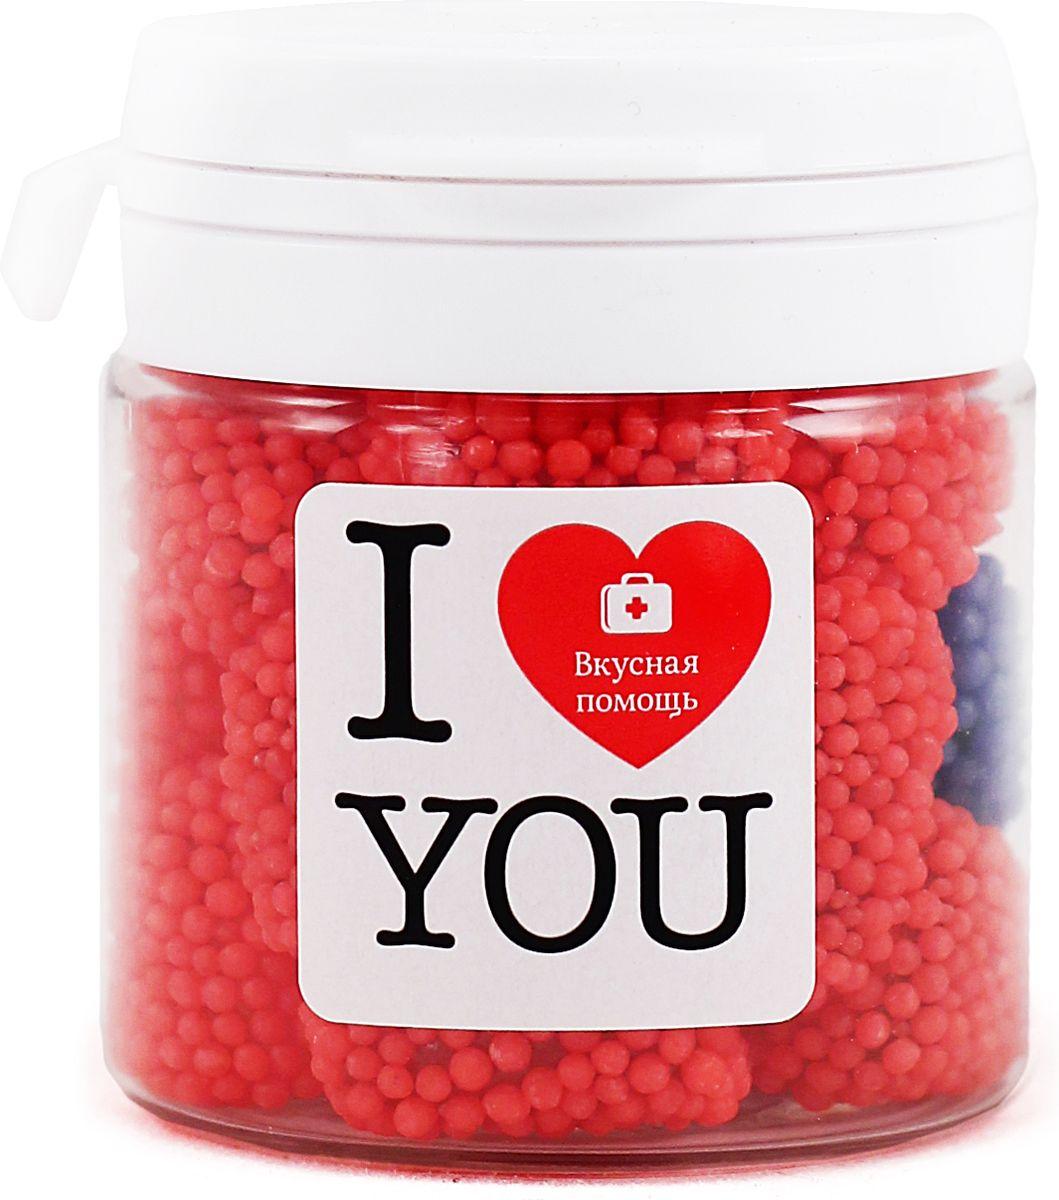 Конфеты Вкусная помощь Я тебя люблю, 50 мл чай люблю тебя